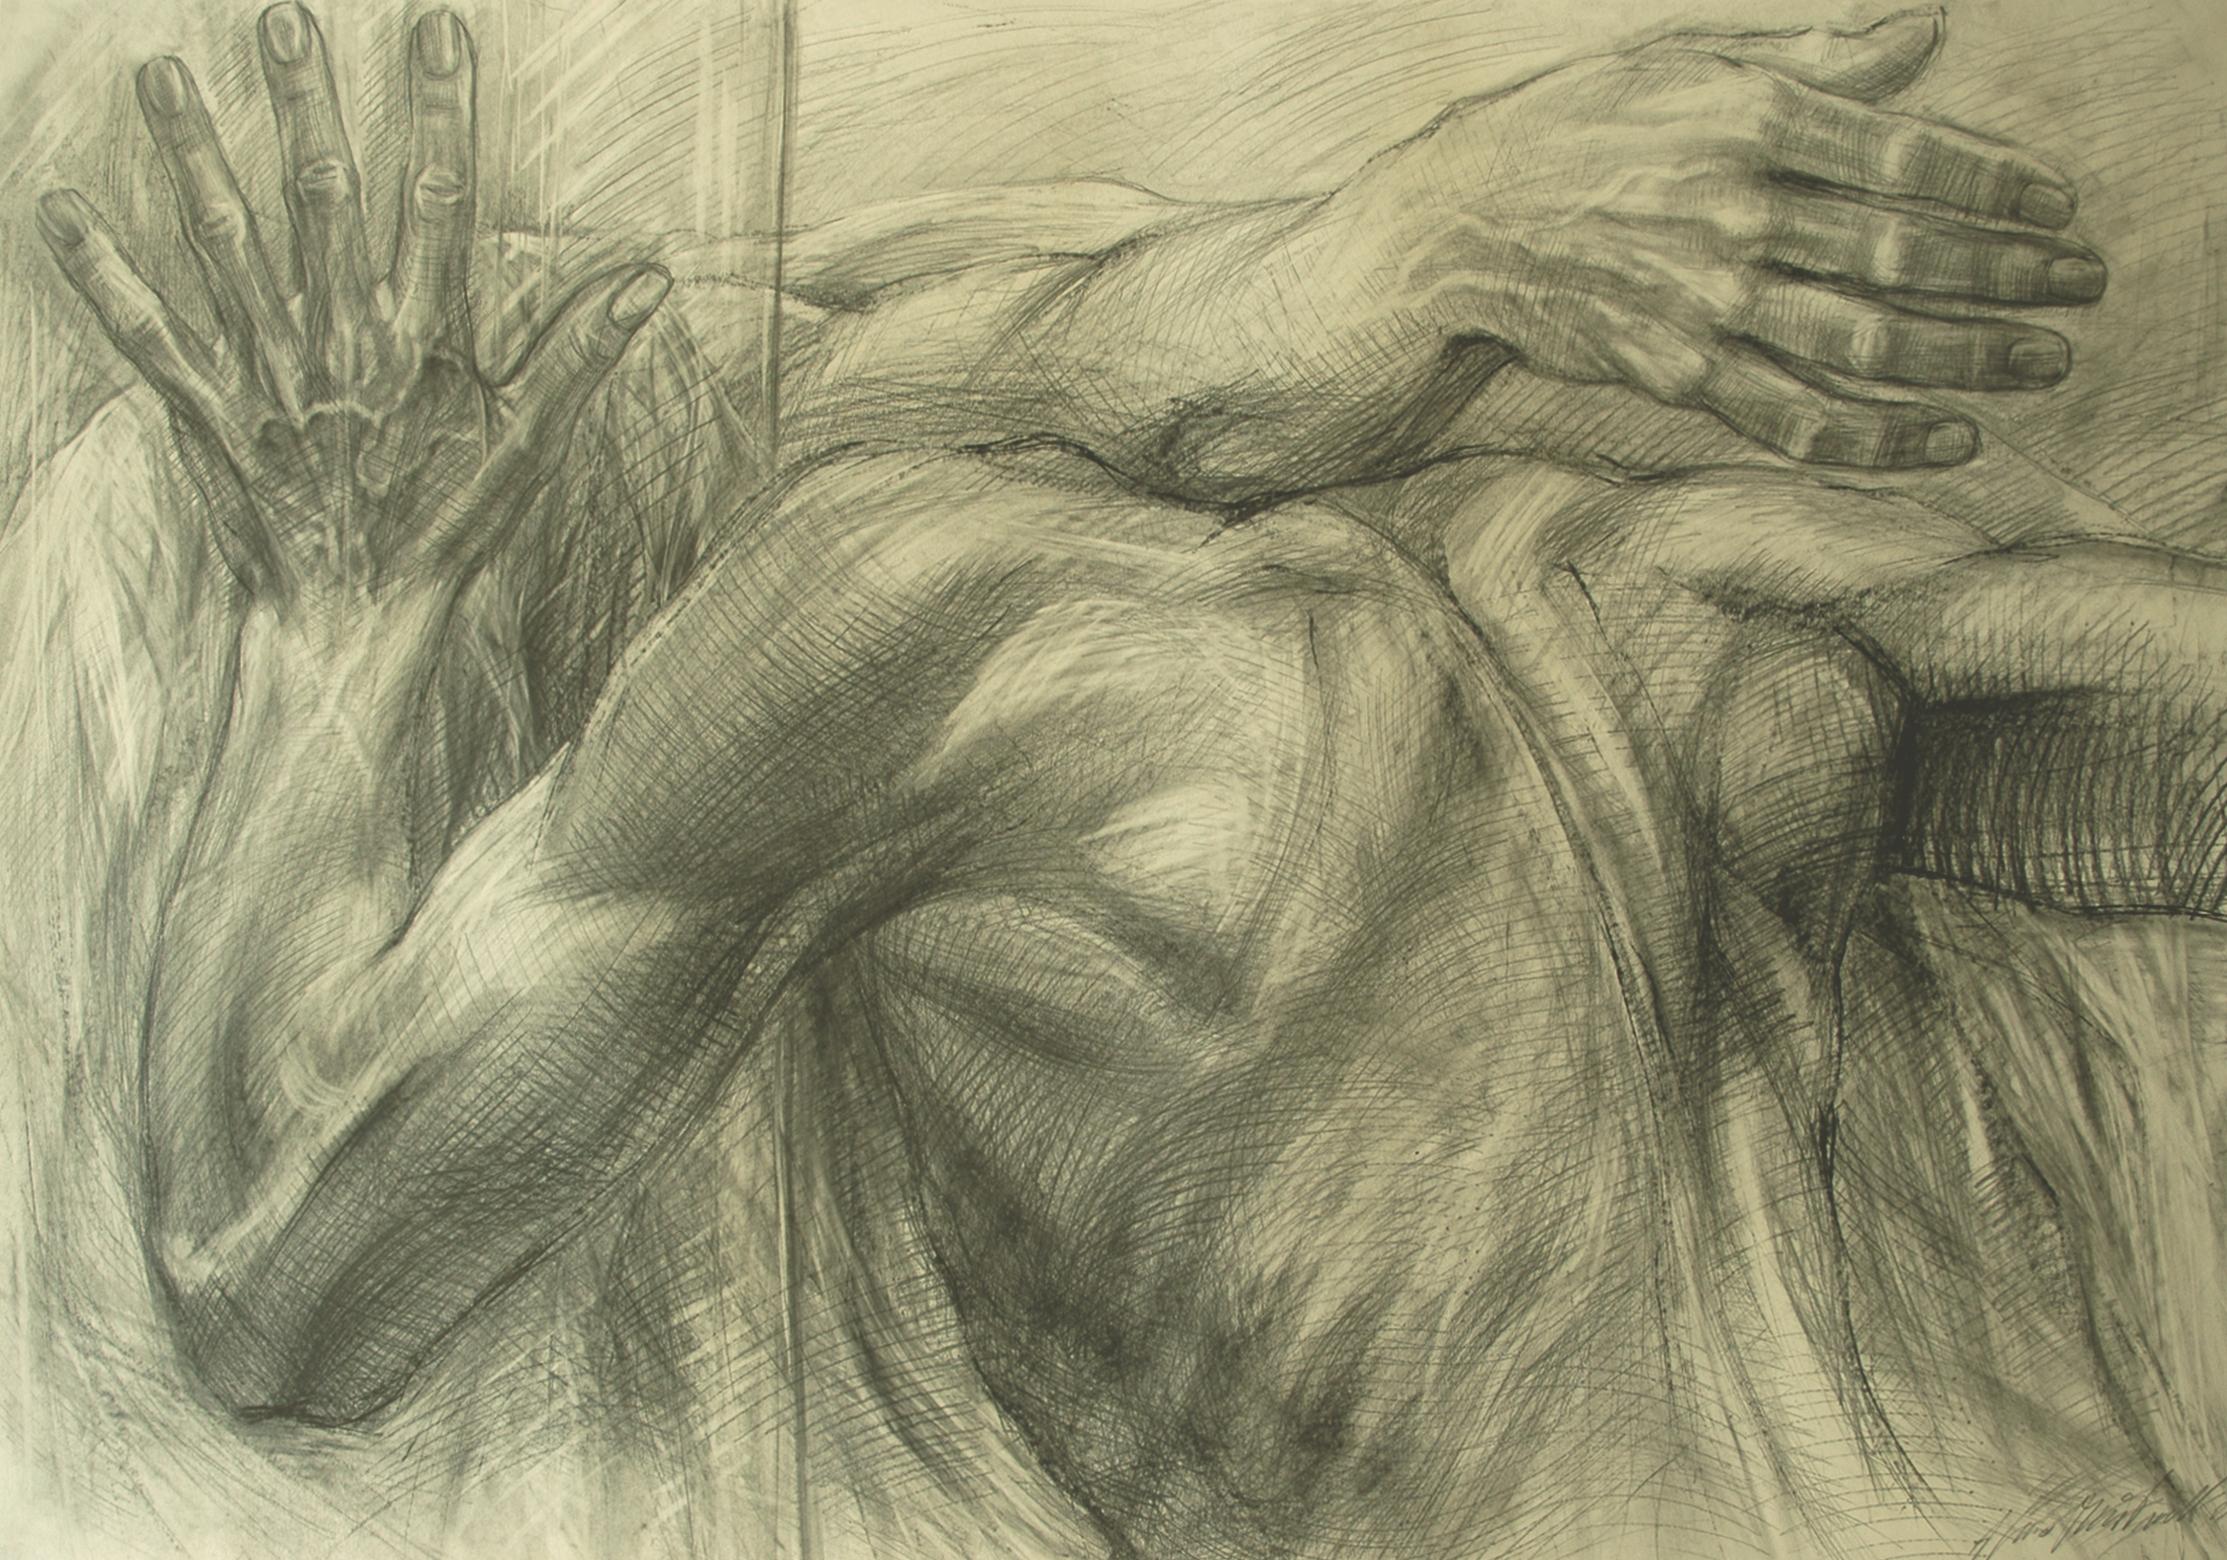 29 Deposizione, 2005 matita su carta, 10